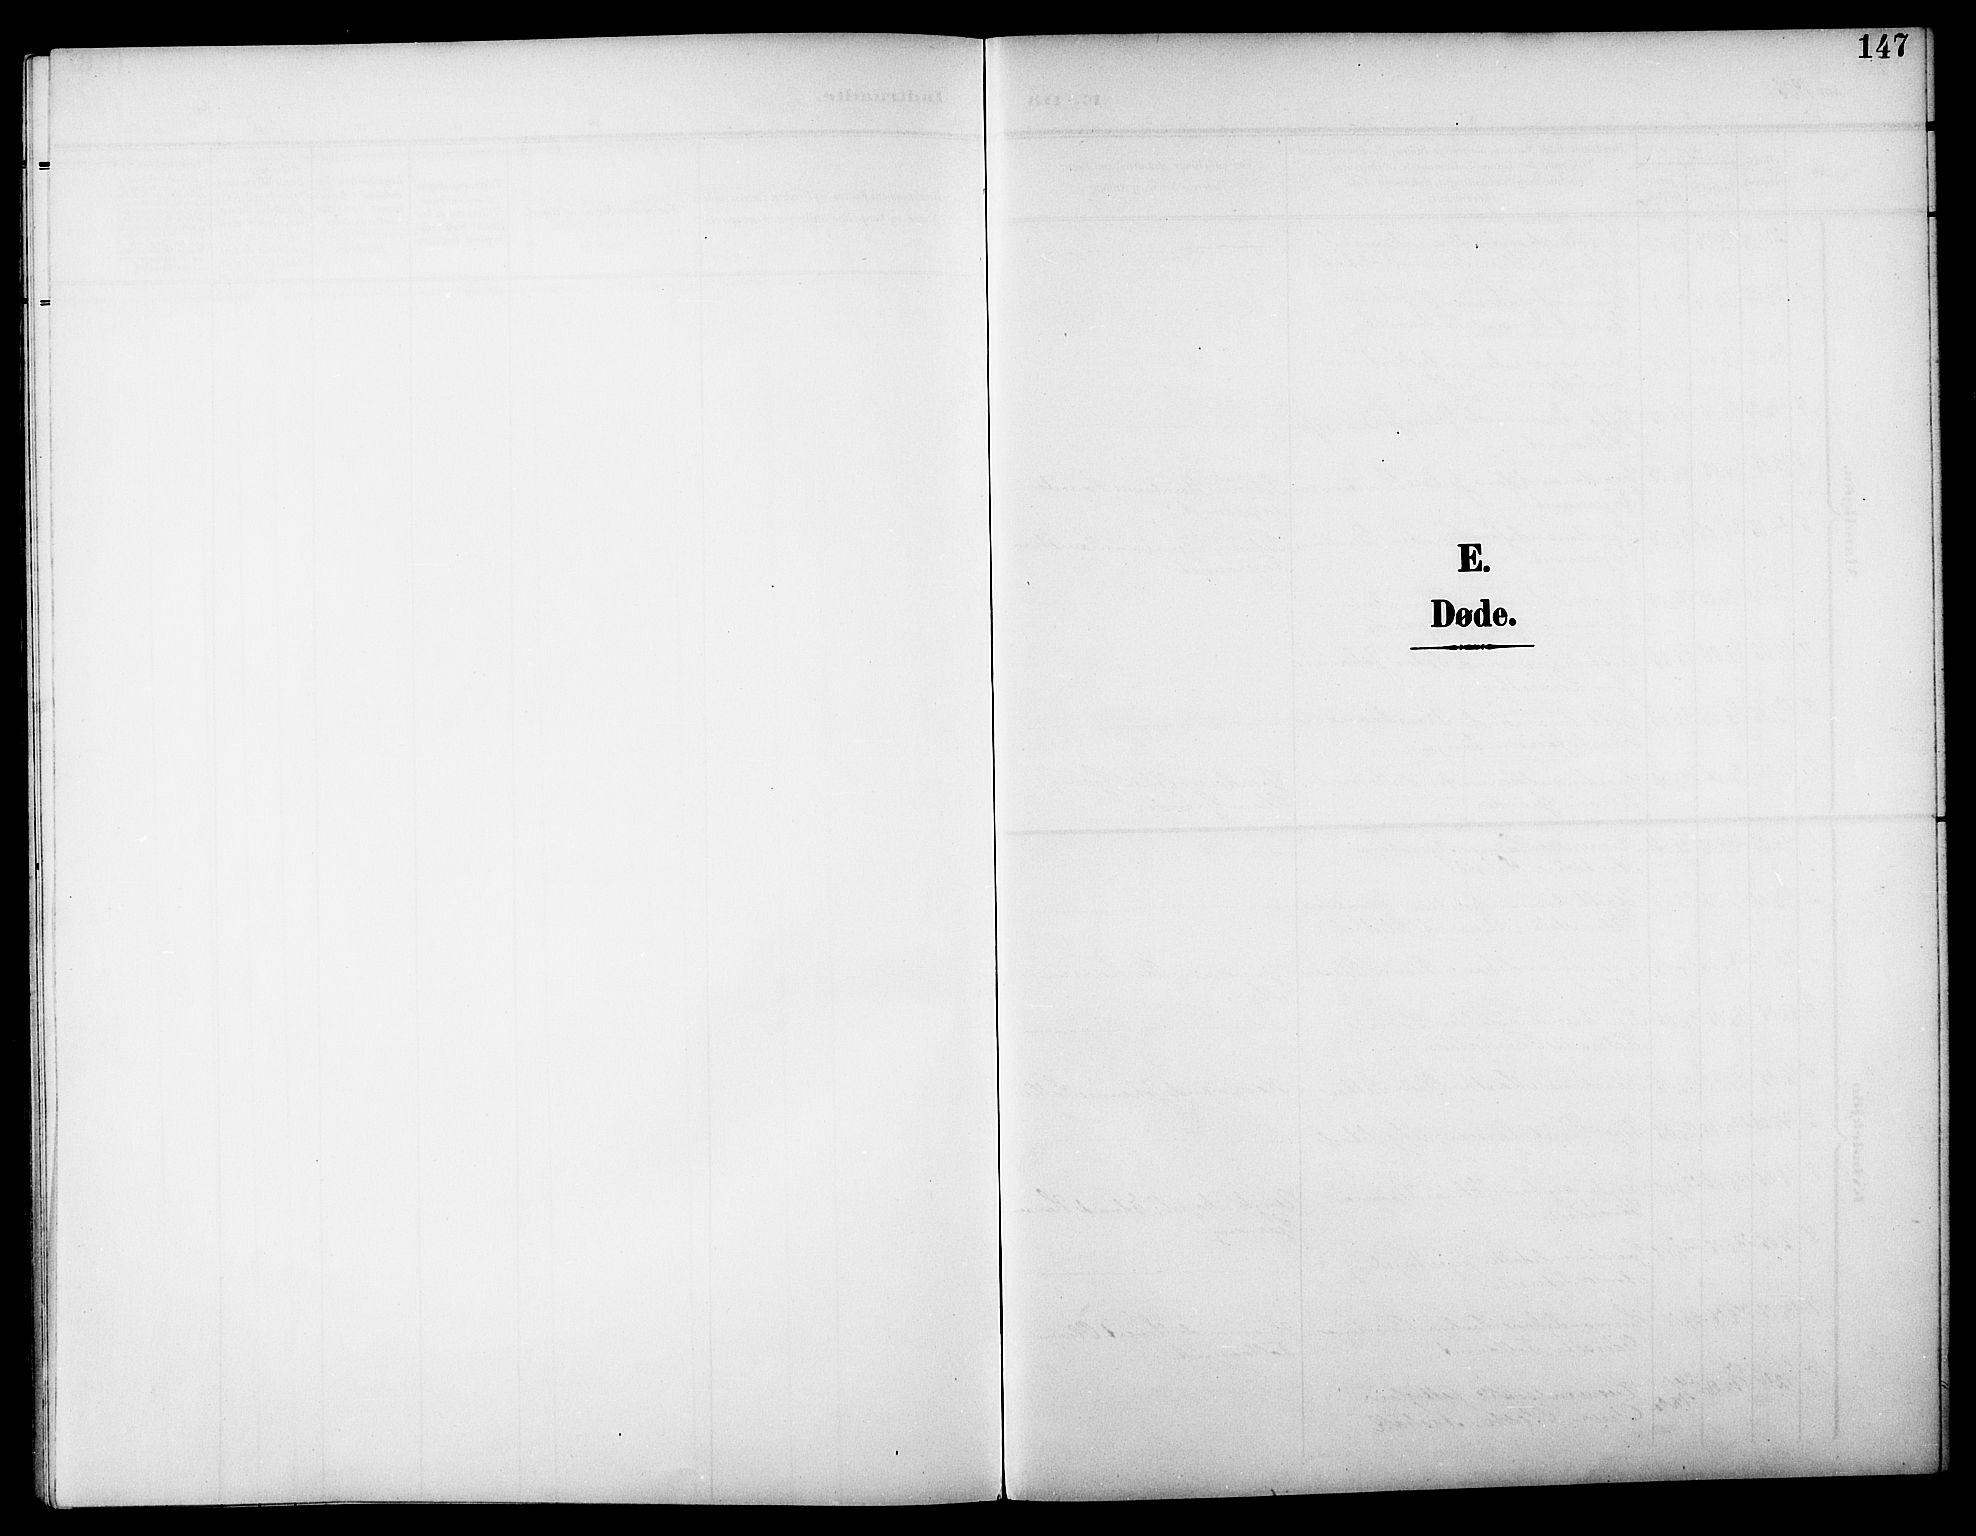 SAT, Ministerialprotokoller, klokkerbøker og fødselsregistre - Nord-Trøndelag, 744/L0424: Klokkerbok nr. 744C03, 1906-1923, s. 147